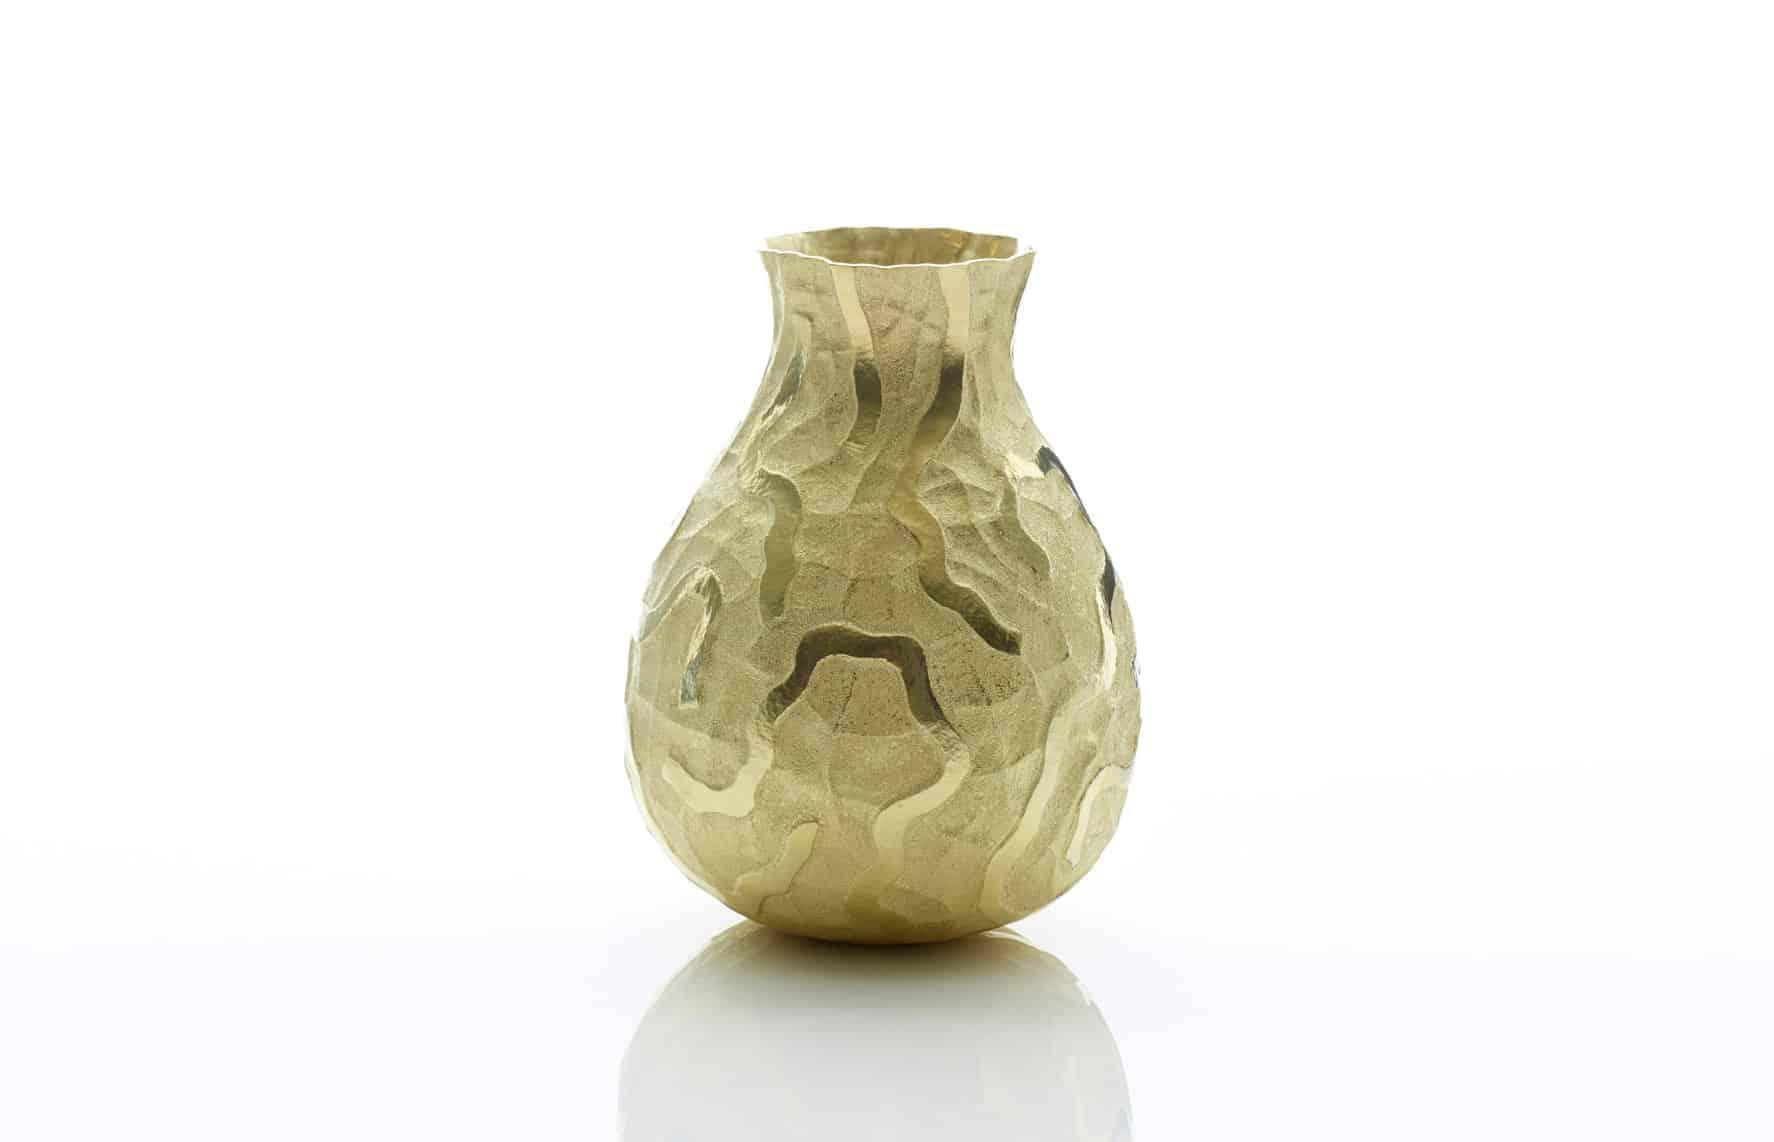 Gold sculpture by Hiroshi Suzuki